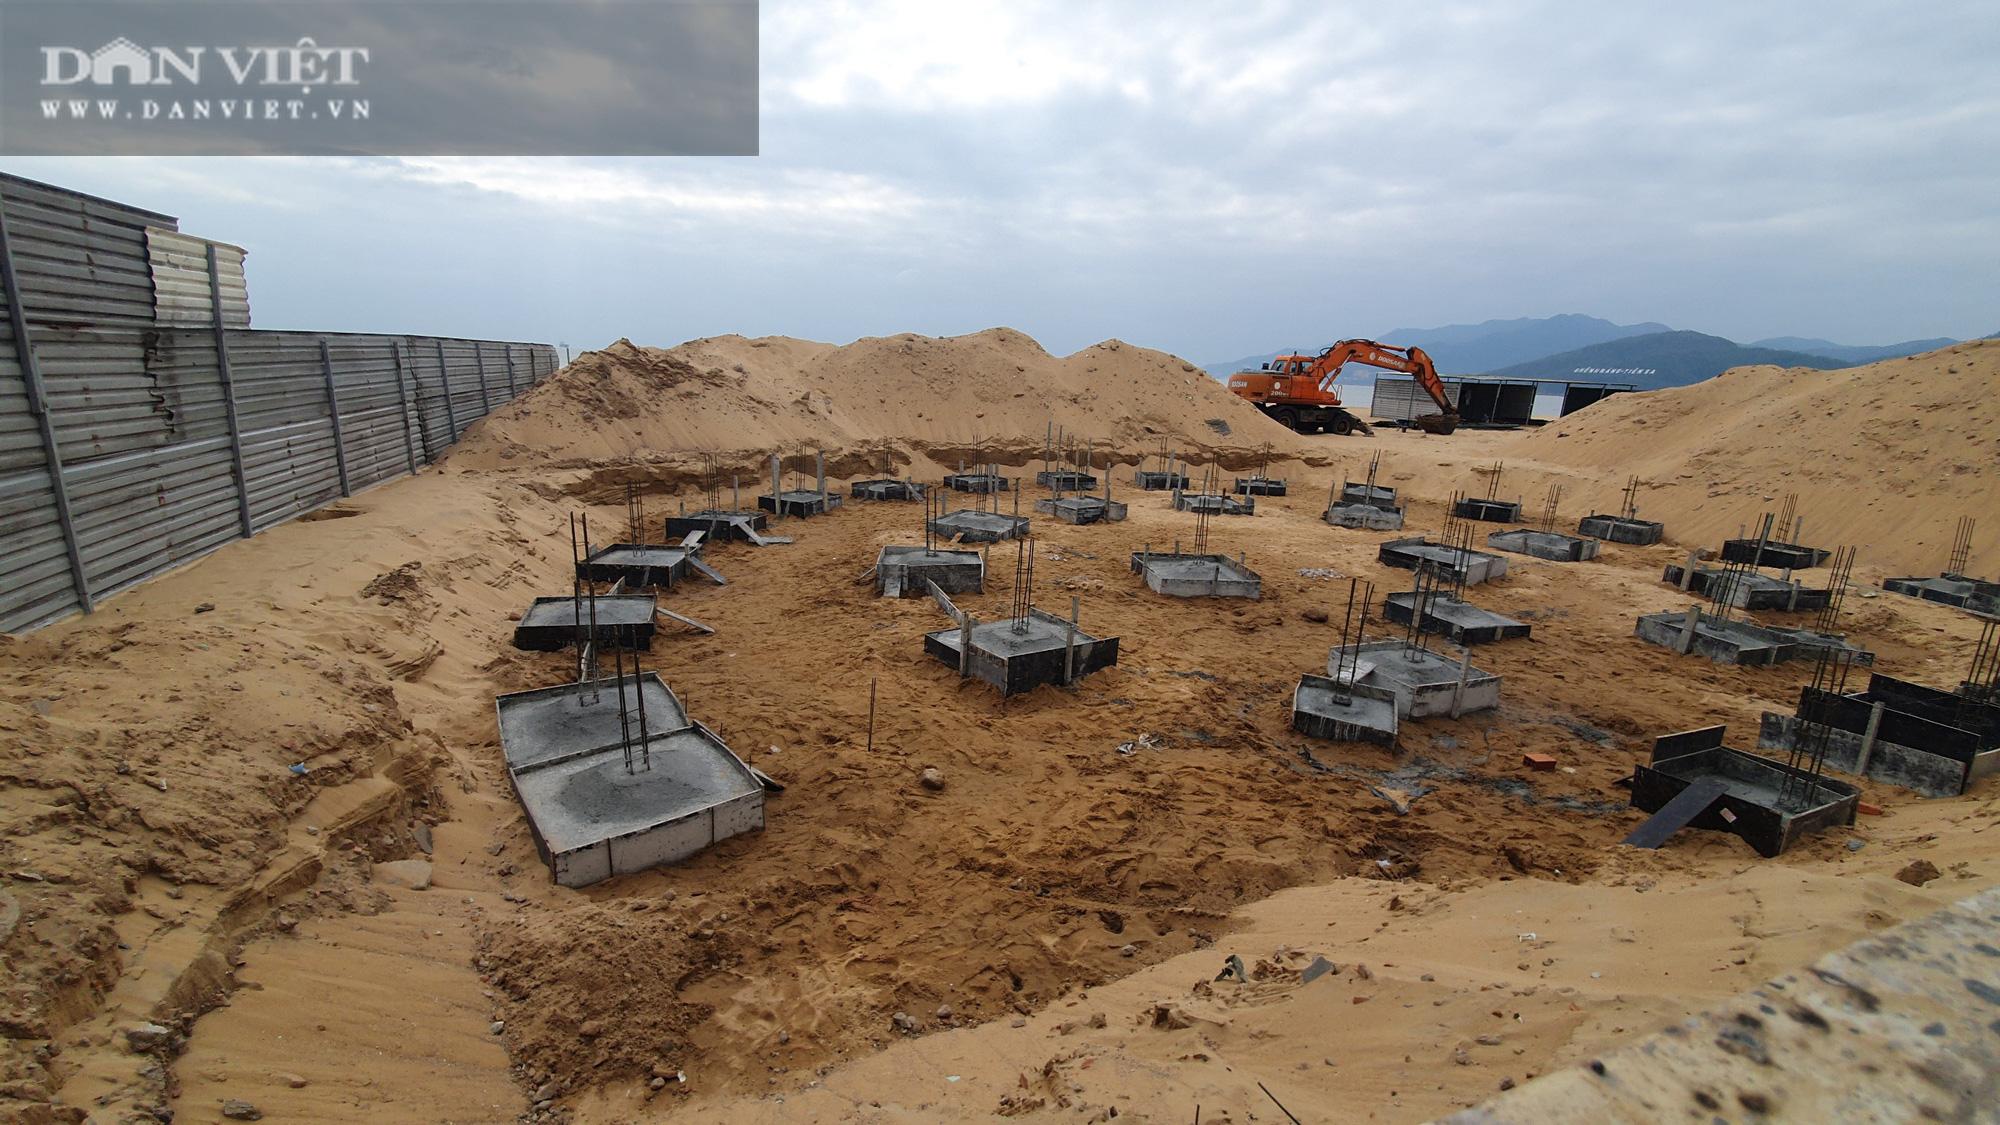 Cận cảnh cẩu 65 móng trụ bê tông không phép rời khỏi bãi biển Quy Nhơn - Ảnh 4.